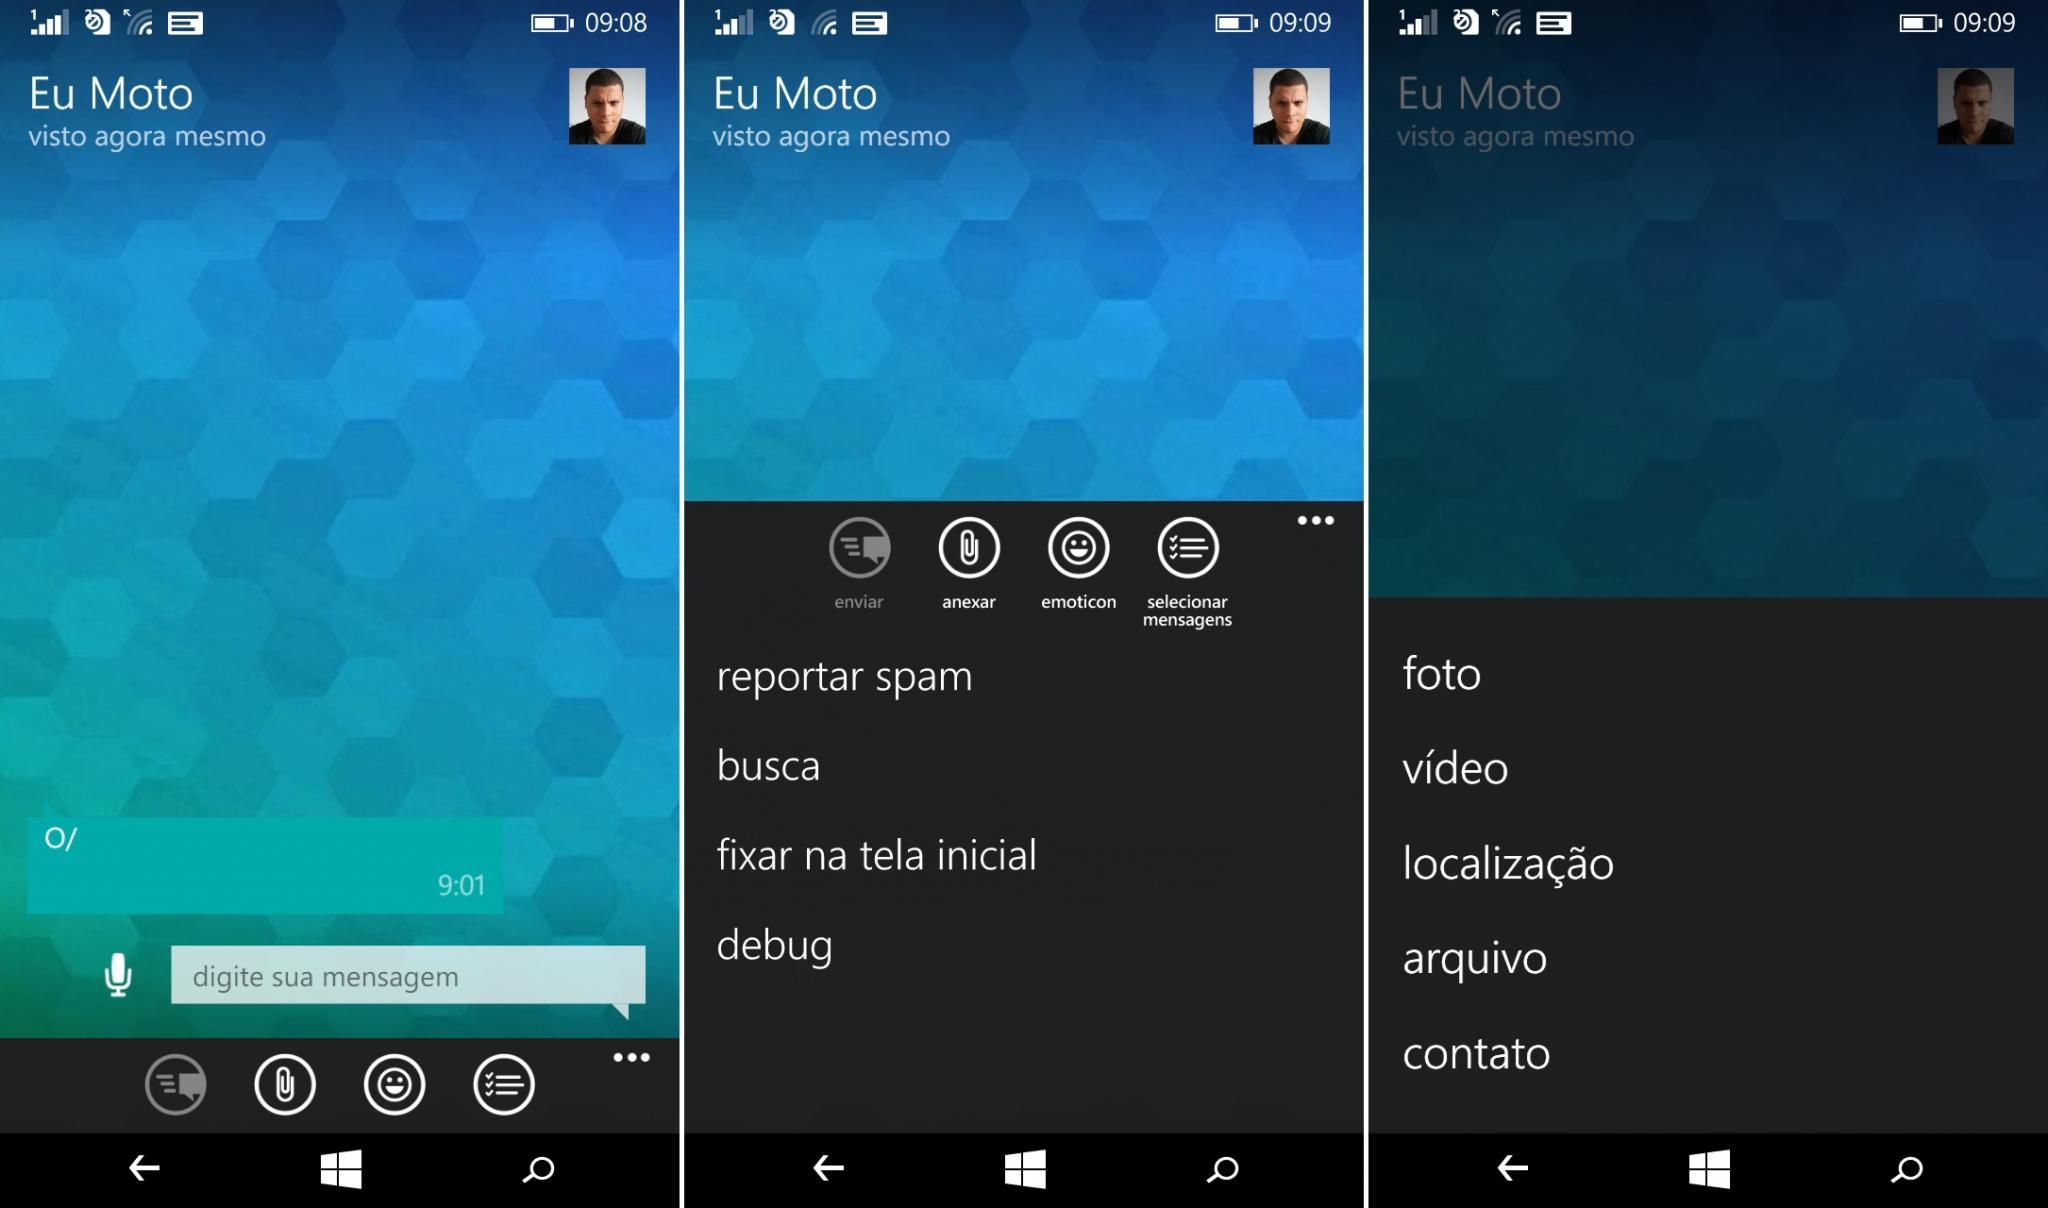 comparativo de apps #11 telegram - 6